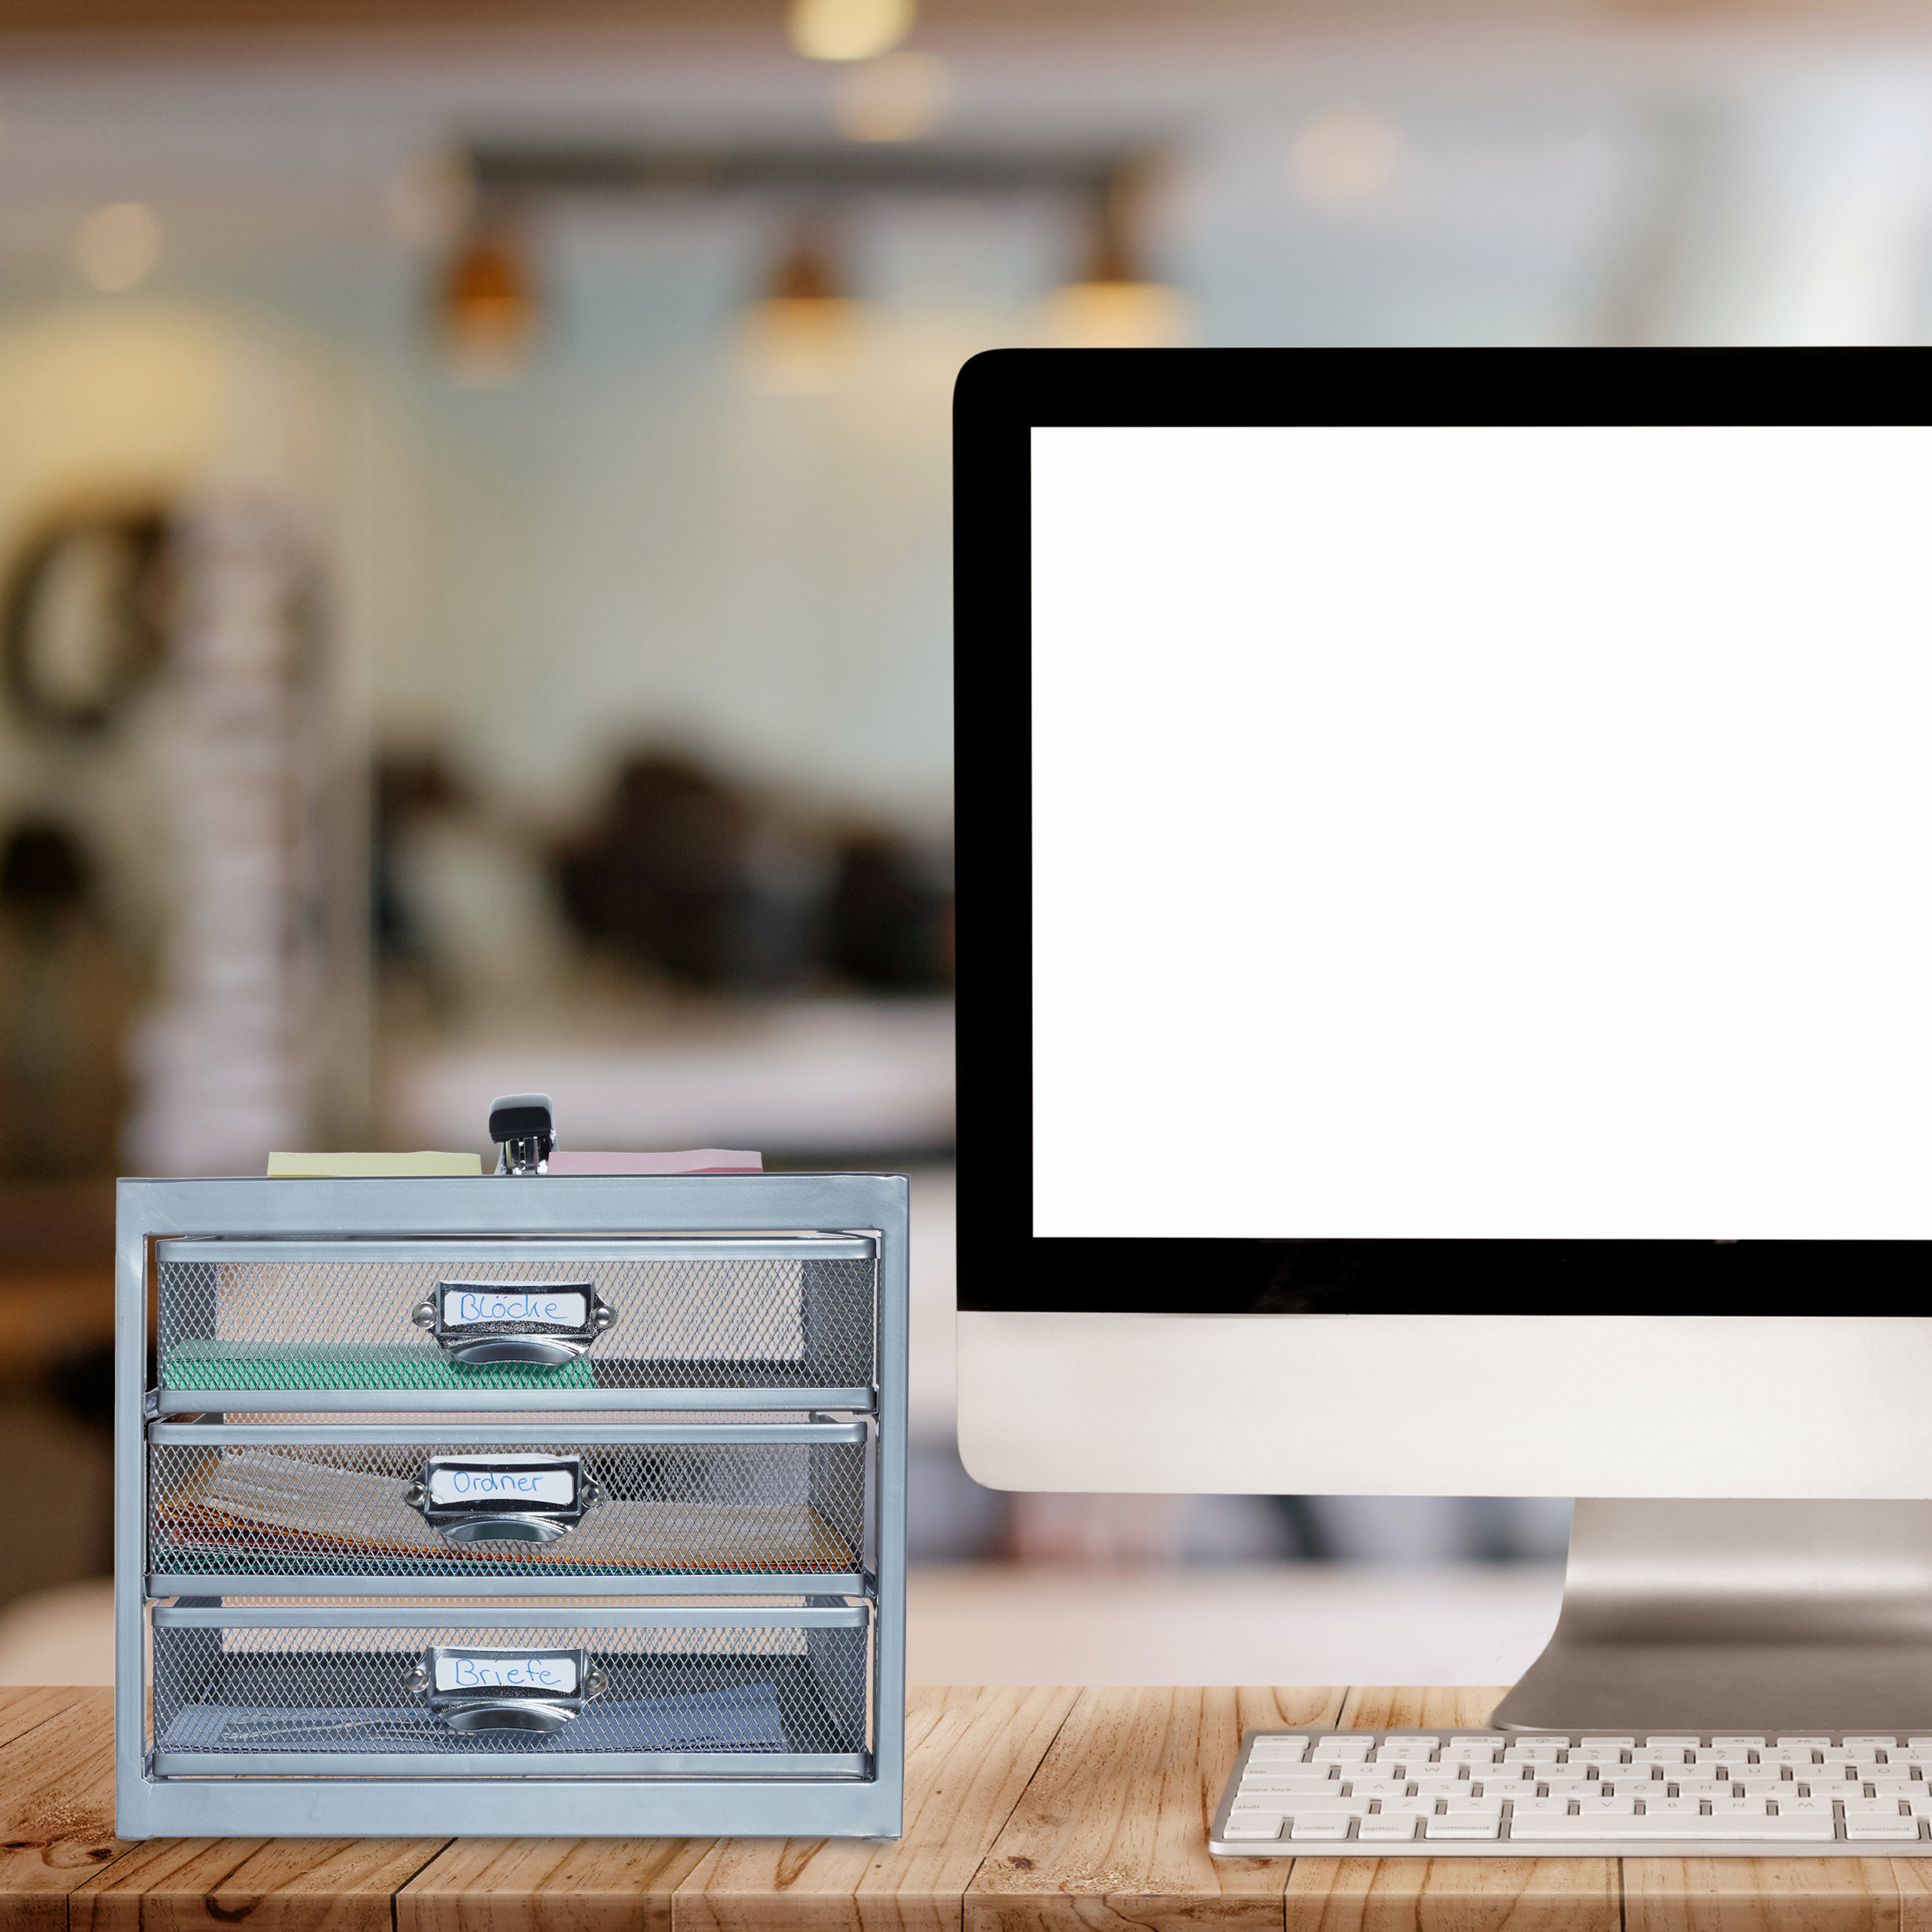 Corbeille-a-courrier-porte-documents-organiseur-porte-revues-3-tiroirs miniature 7